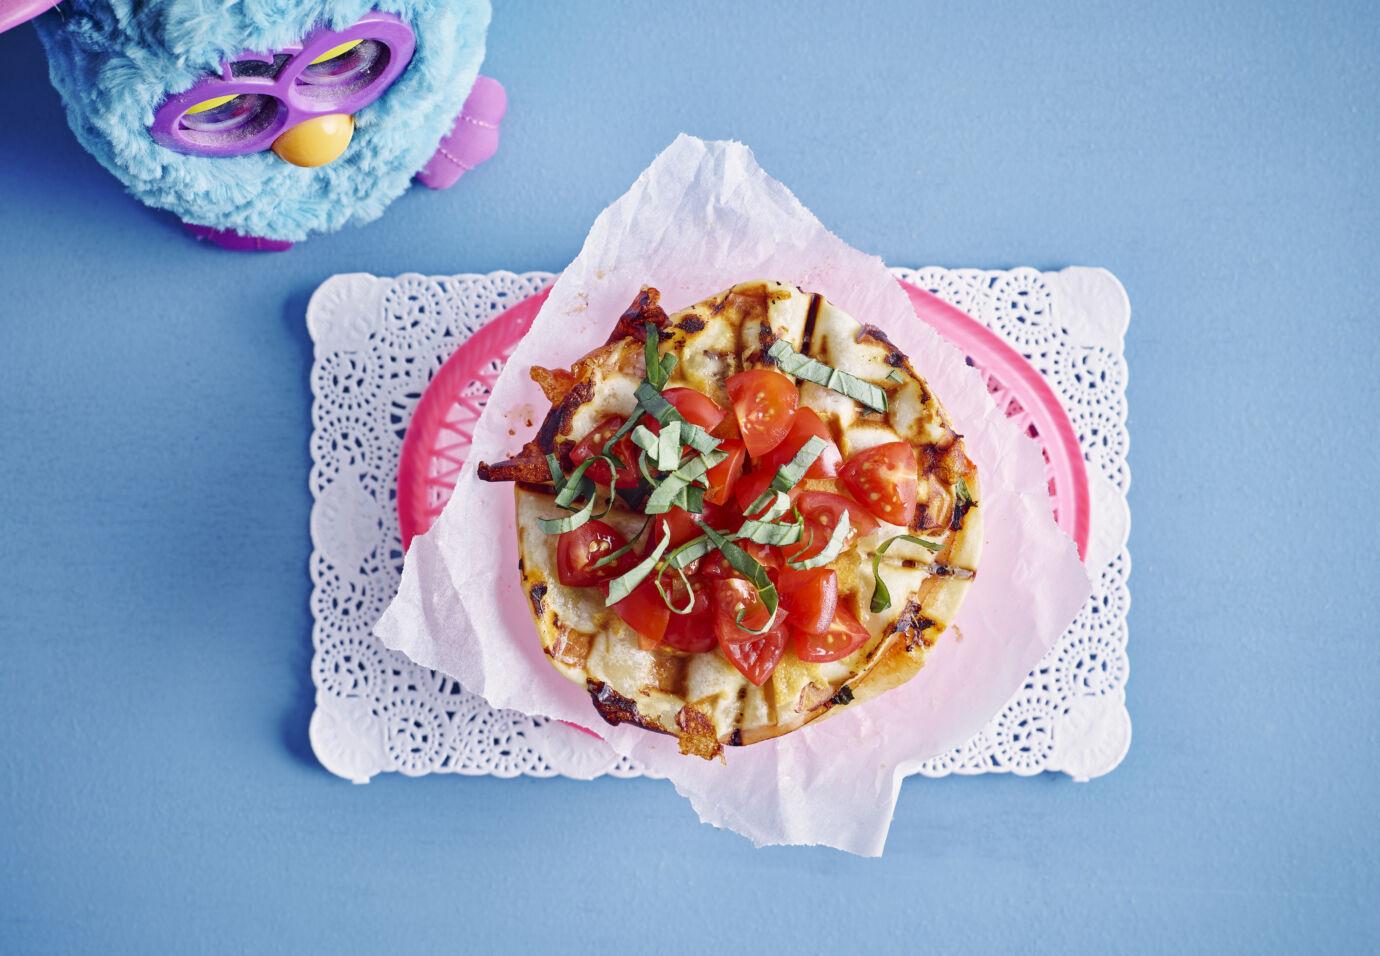 SOFIE DUMONT 30-09 pizzacroque 174116